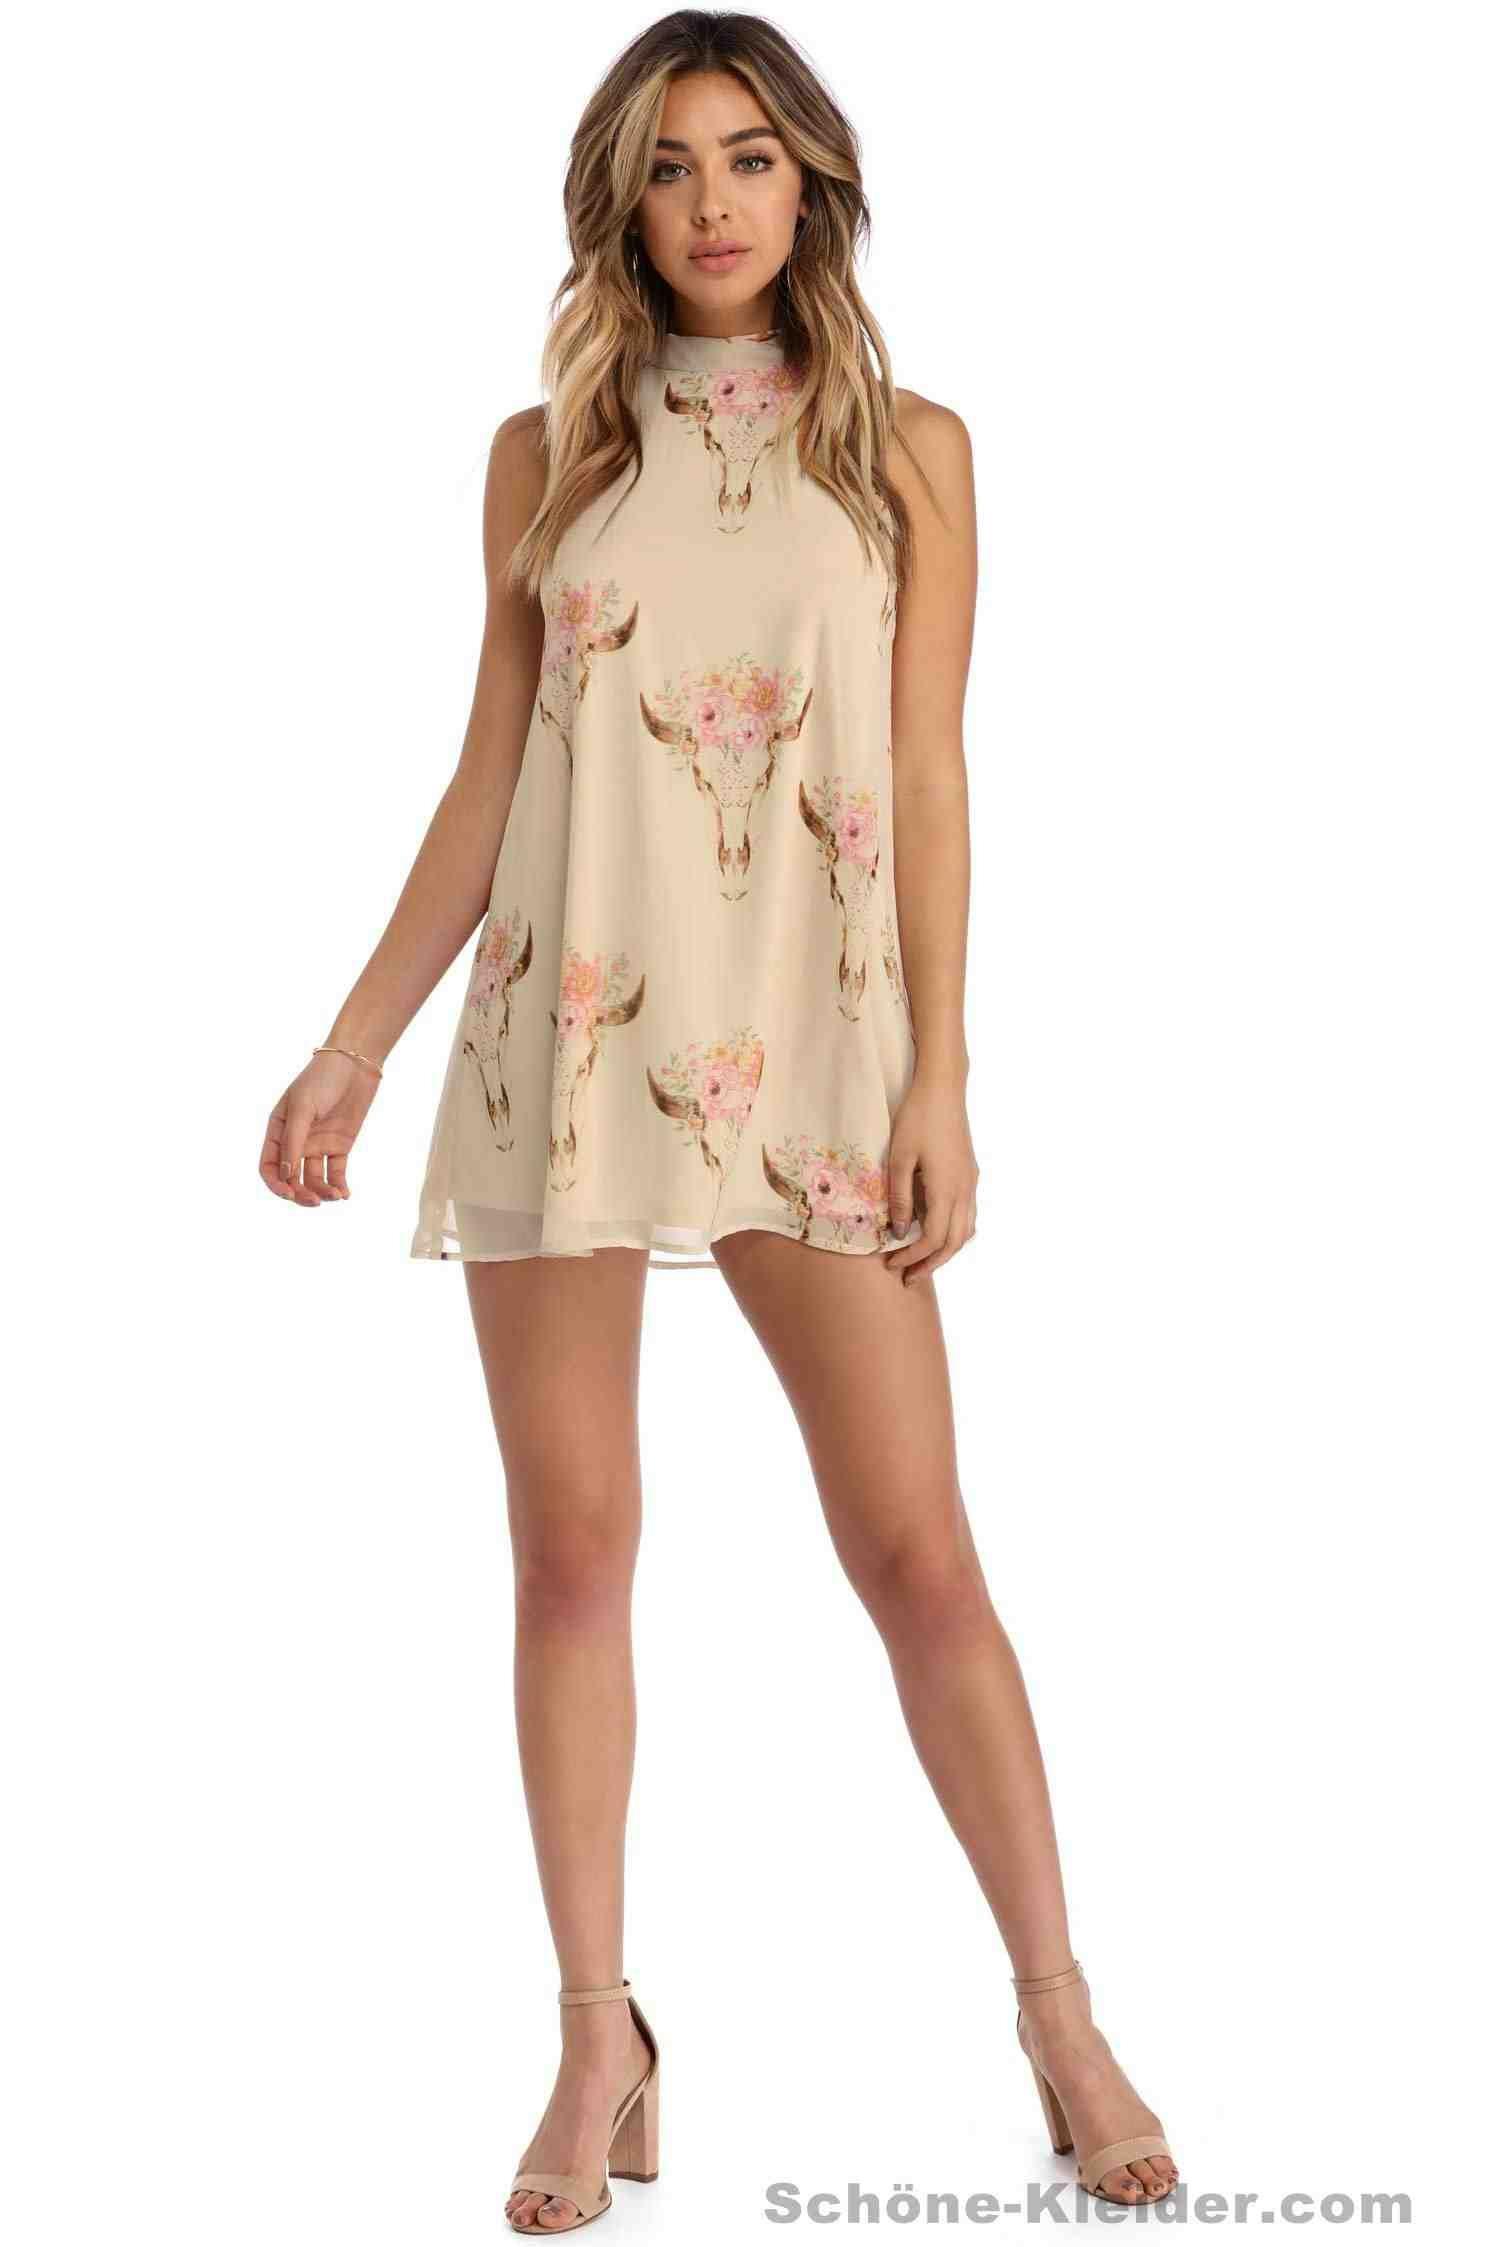 15 Perfekt Elegante Sommerkleider Stylish10 Fantastisch Elegante Sommerkleider Vertrieb